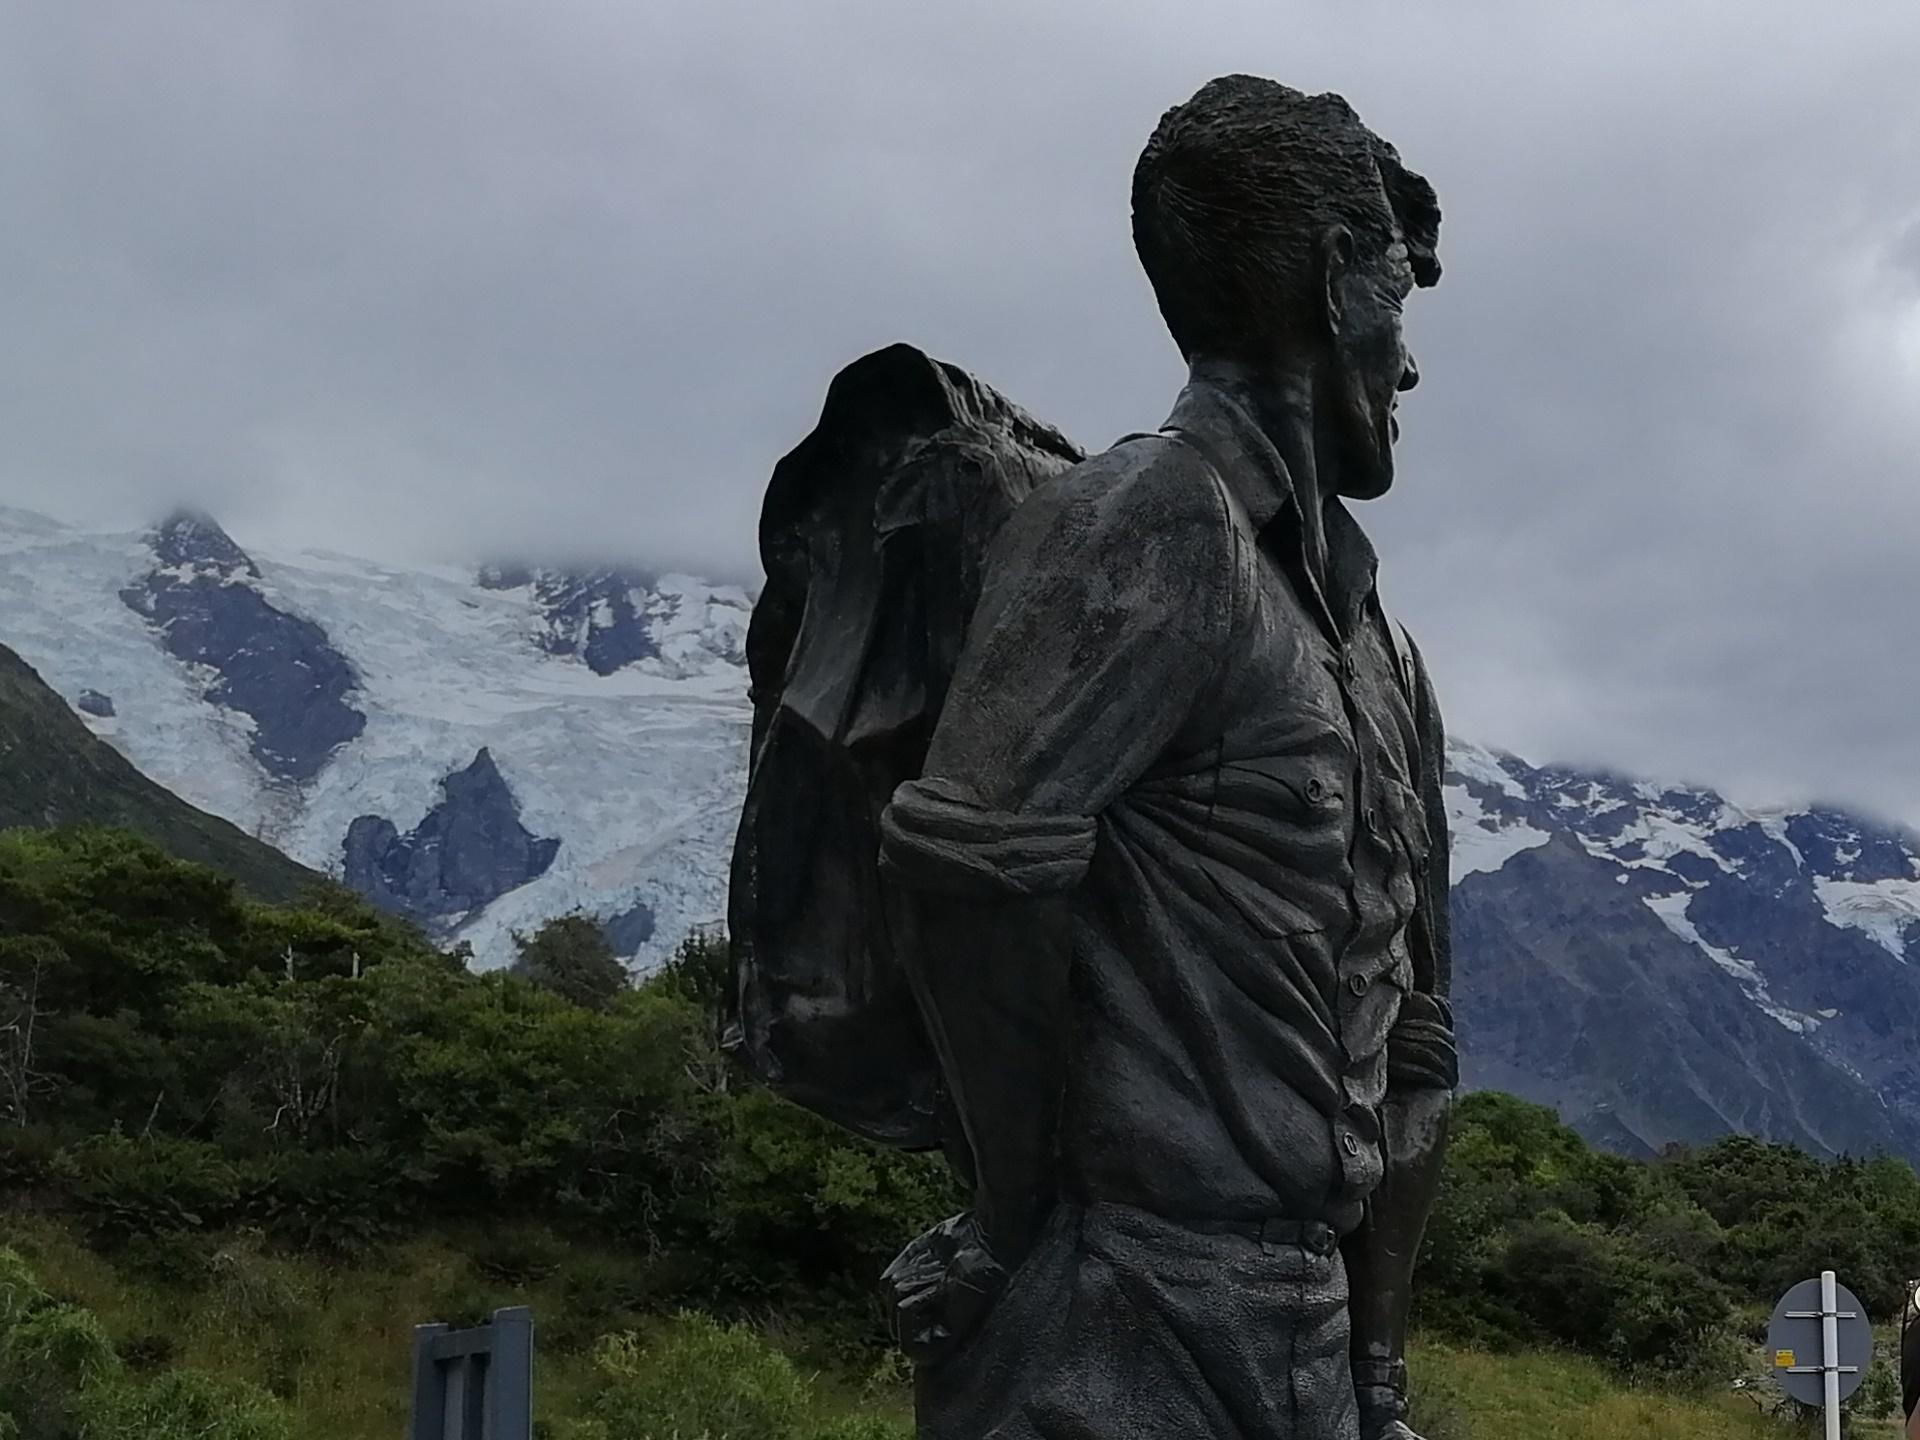 Bronzová socha Edmunda Hillaryho pod úpatím novozélandských Alp